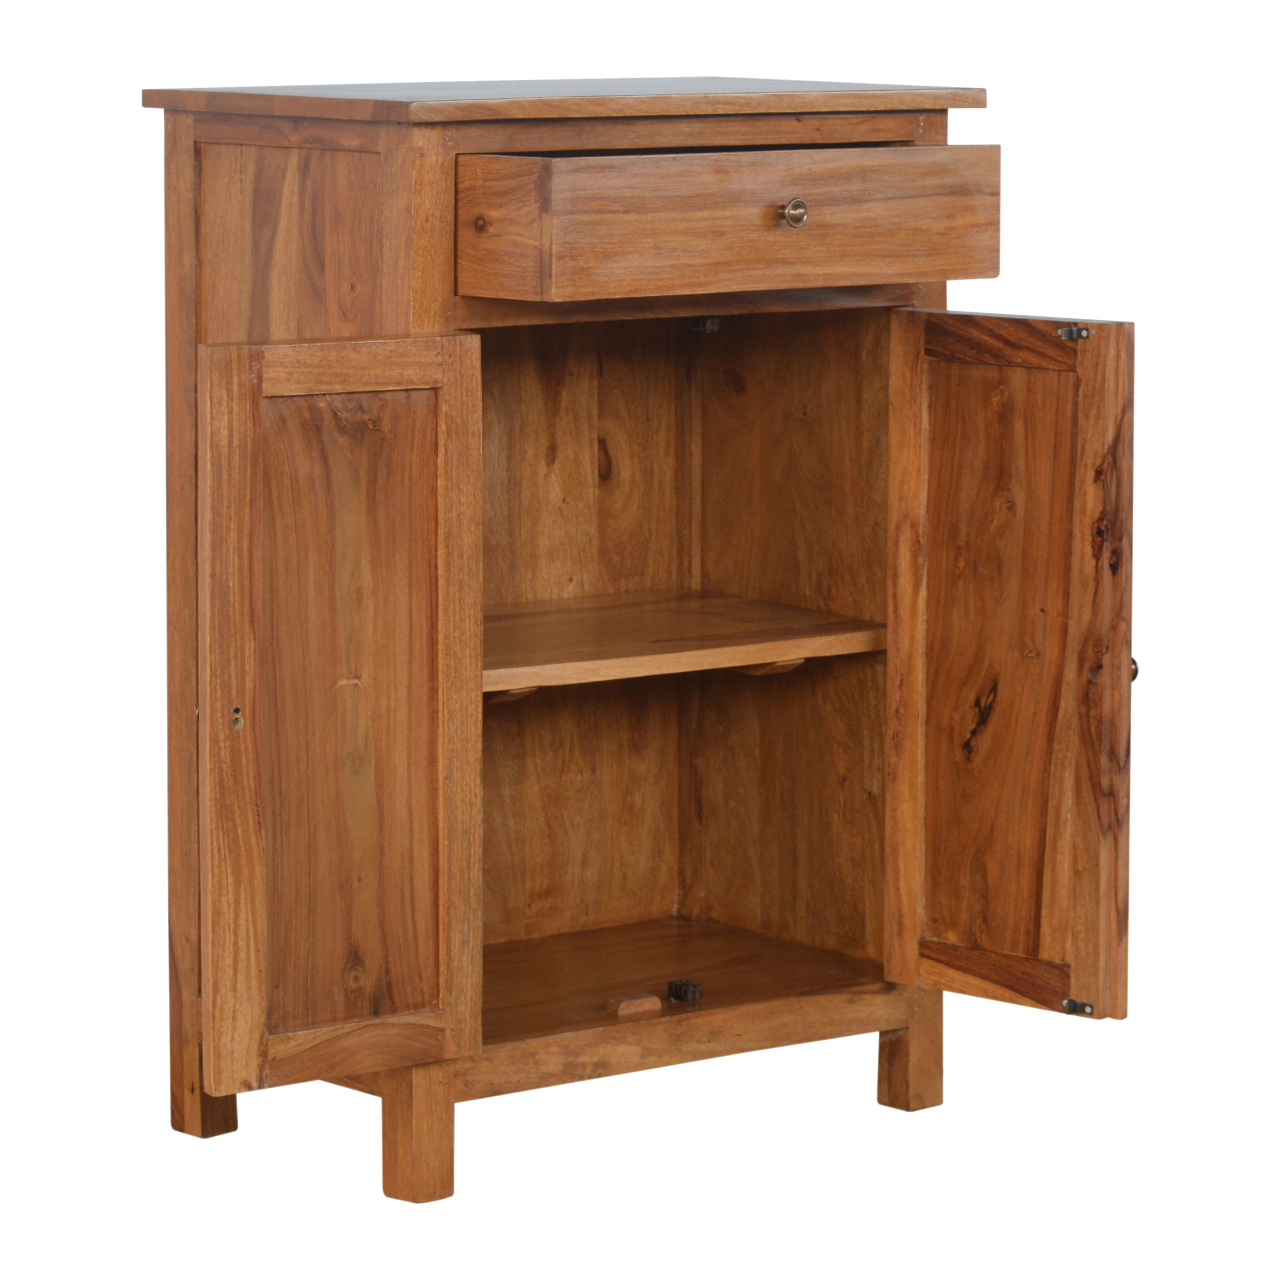 IN203 Solid Sheesham Wood 2 Door 1 Drawer Sideboard